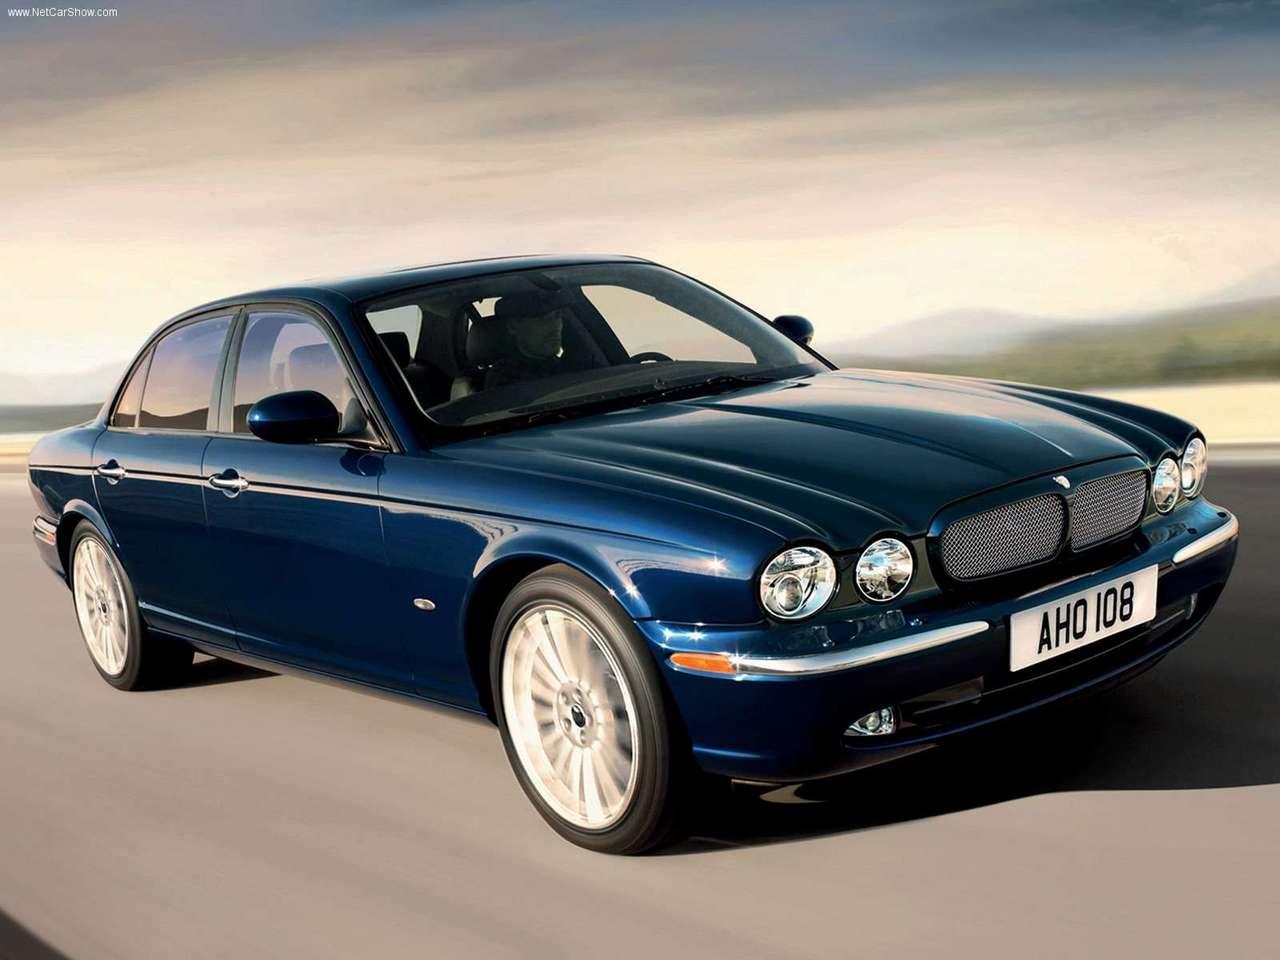 Jaguar XJ (2006)